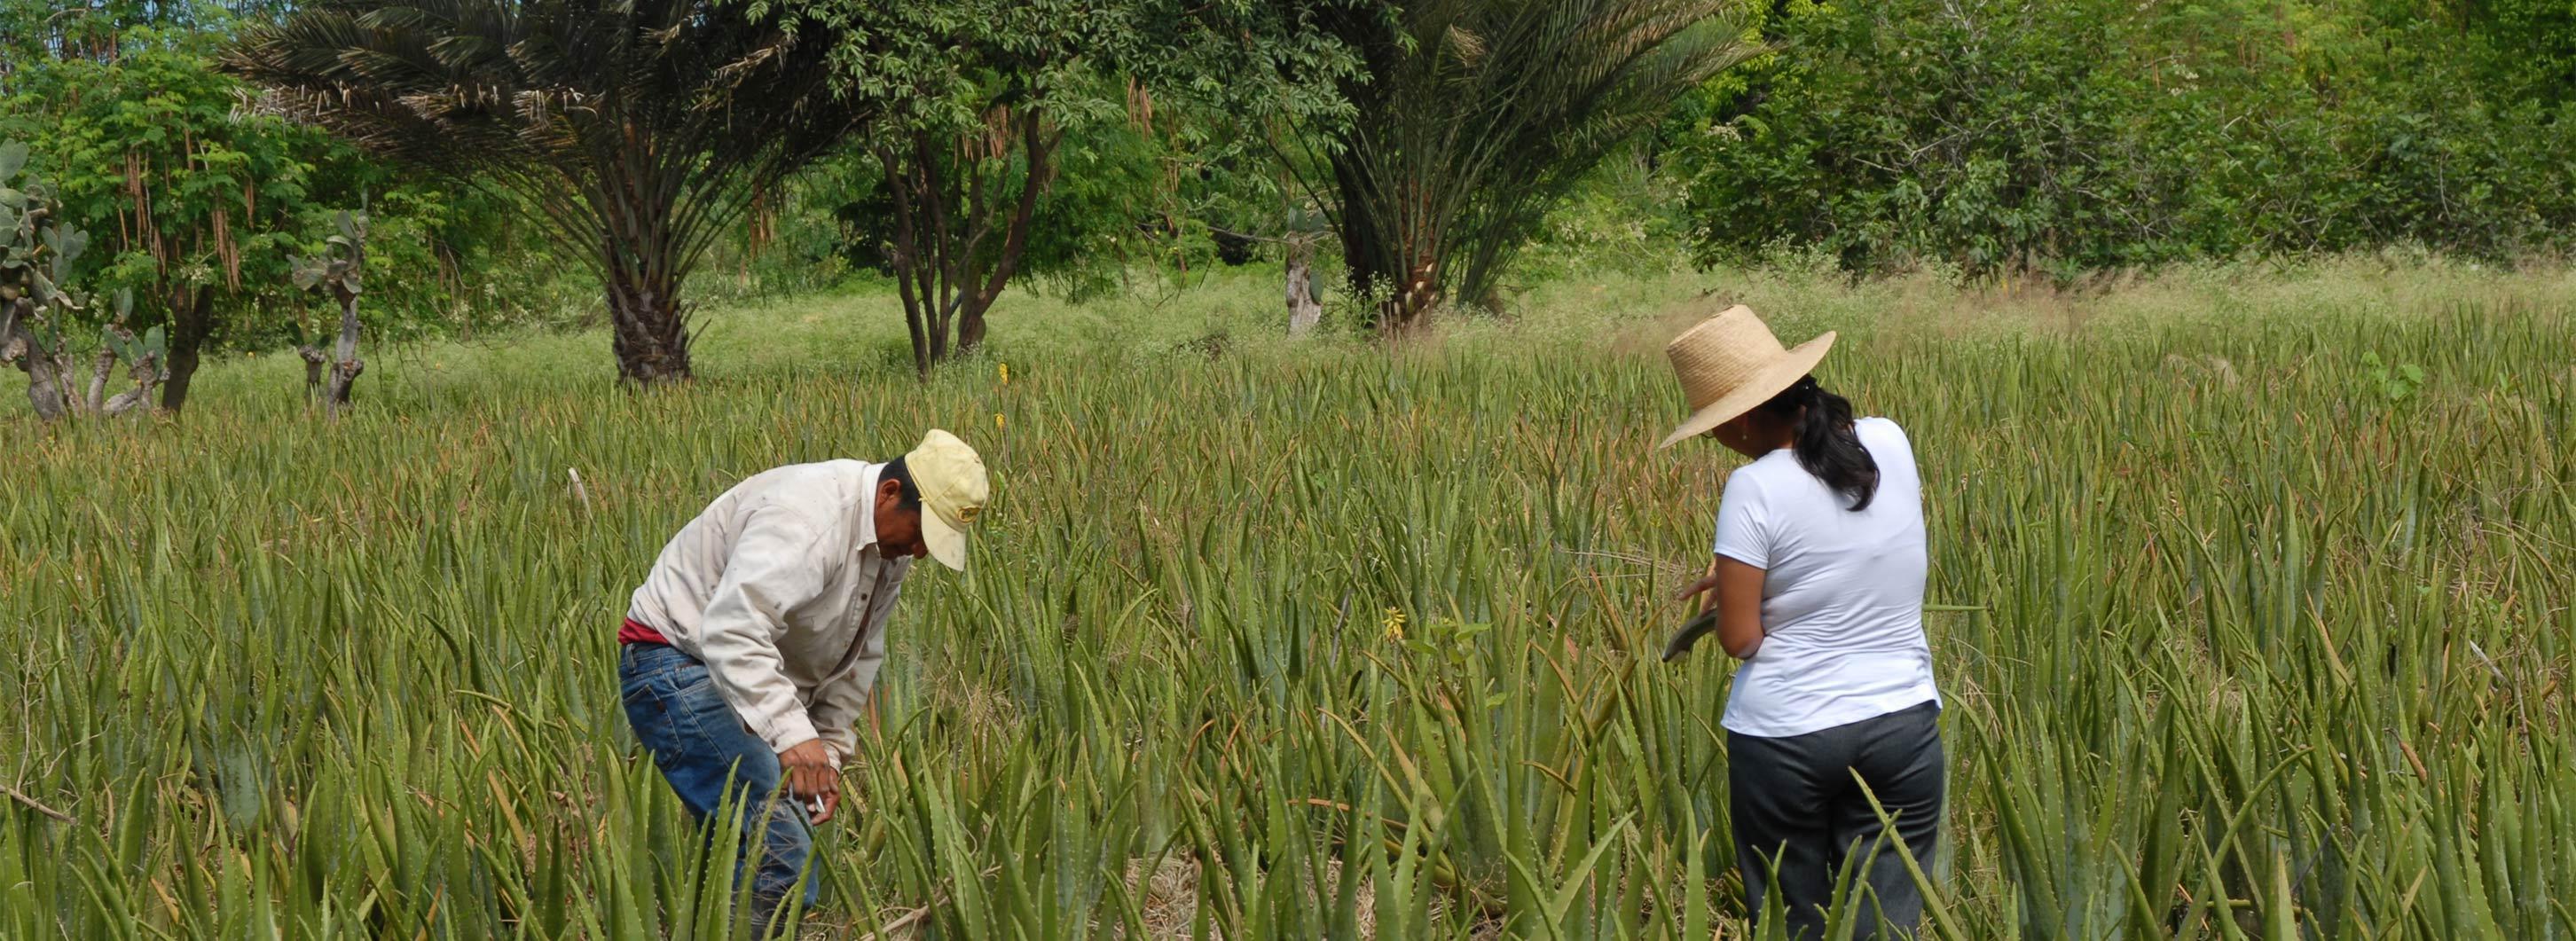 Zwei Bauern im Aloe Vera Pflanzen Feld